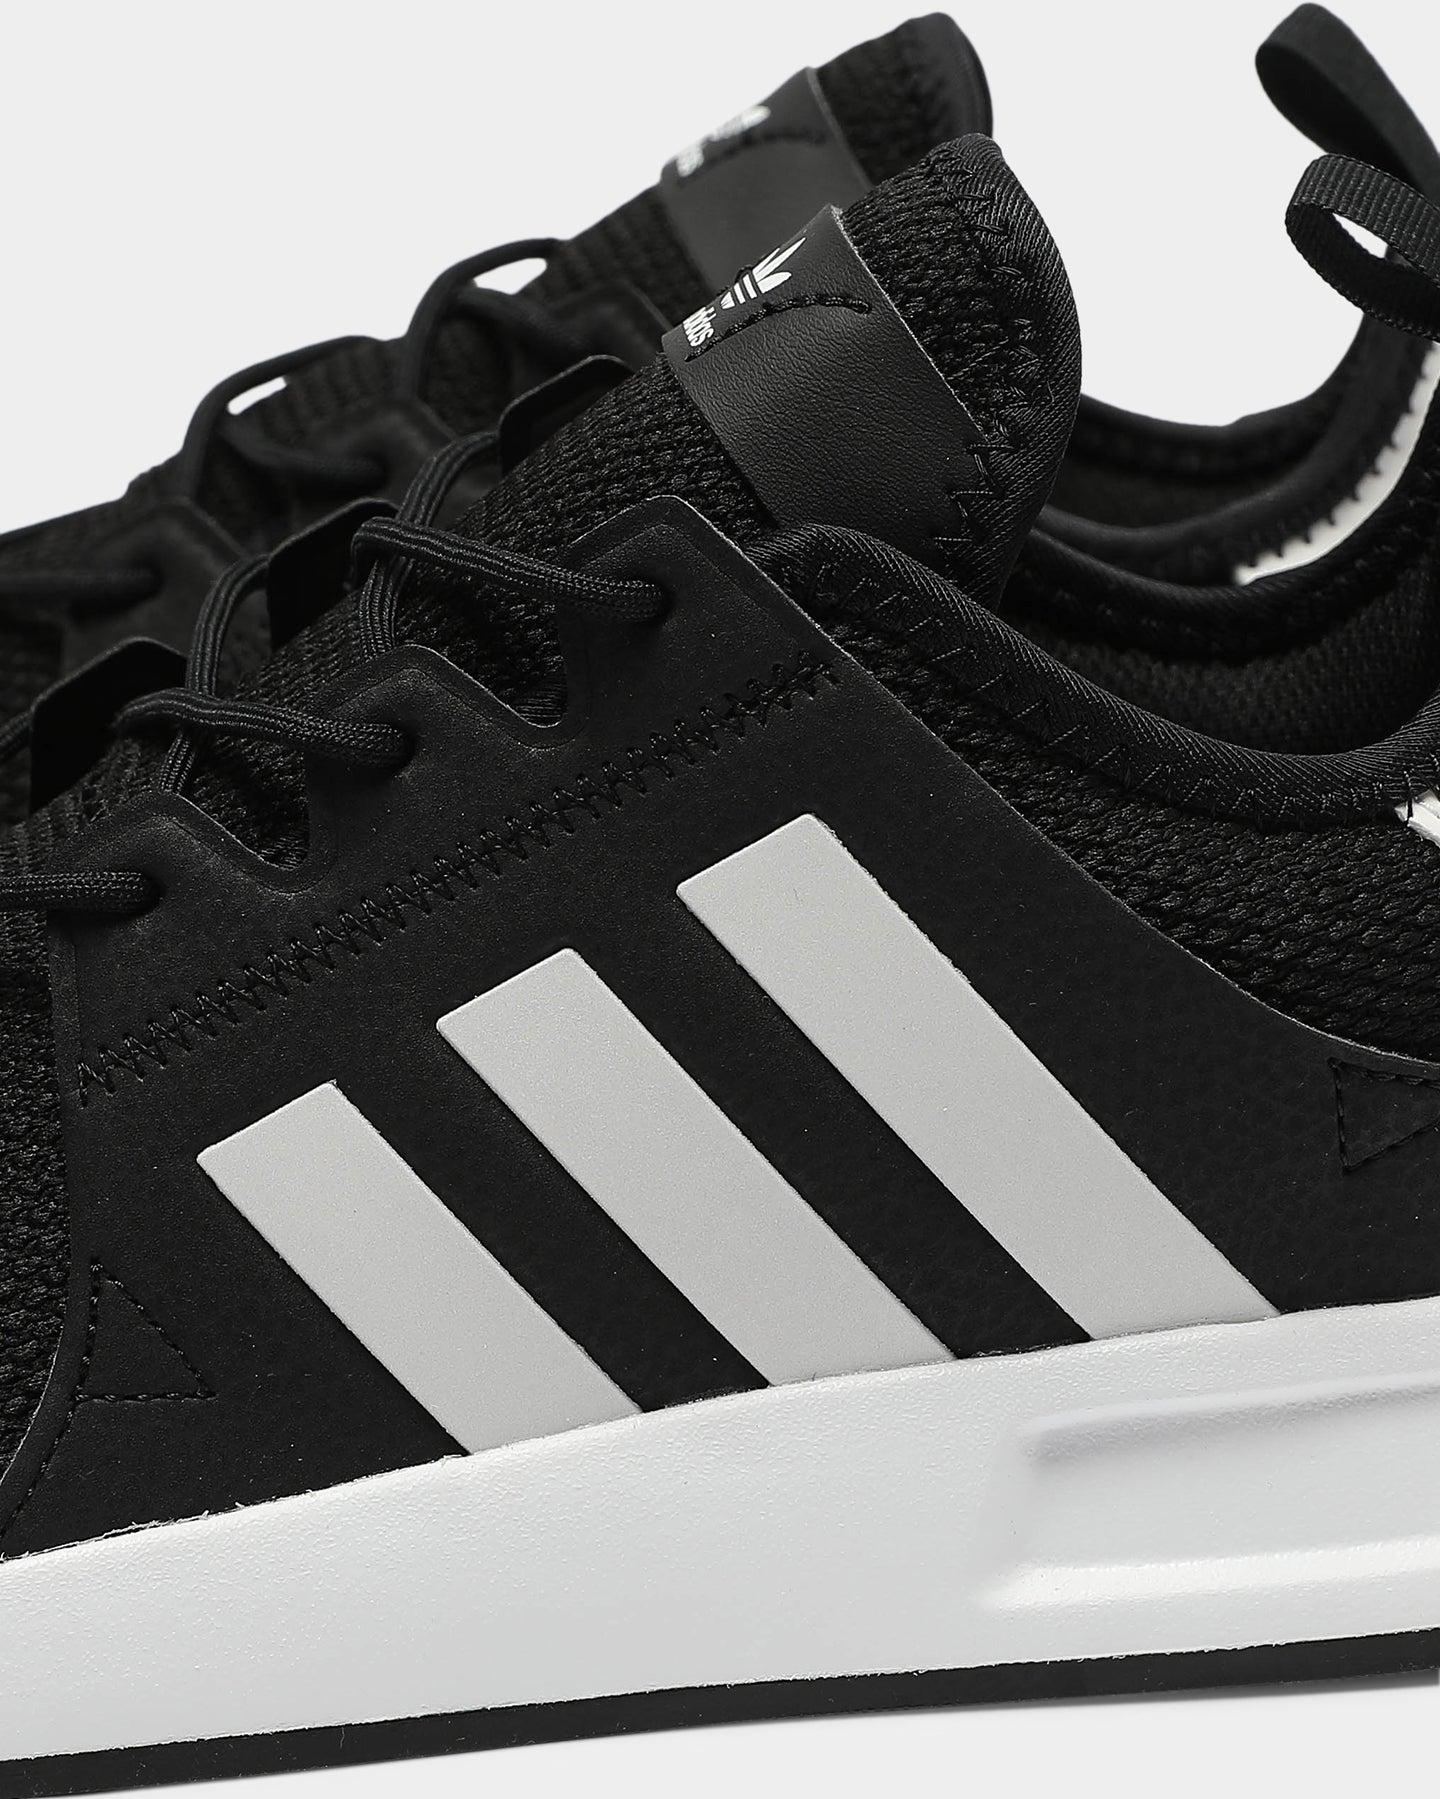 Adidas Originals X PLR BlackWhite